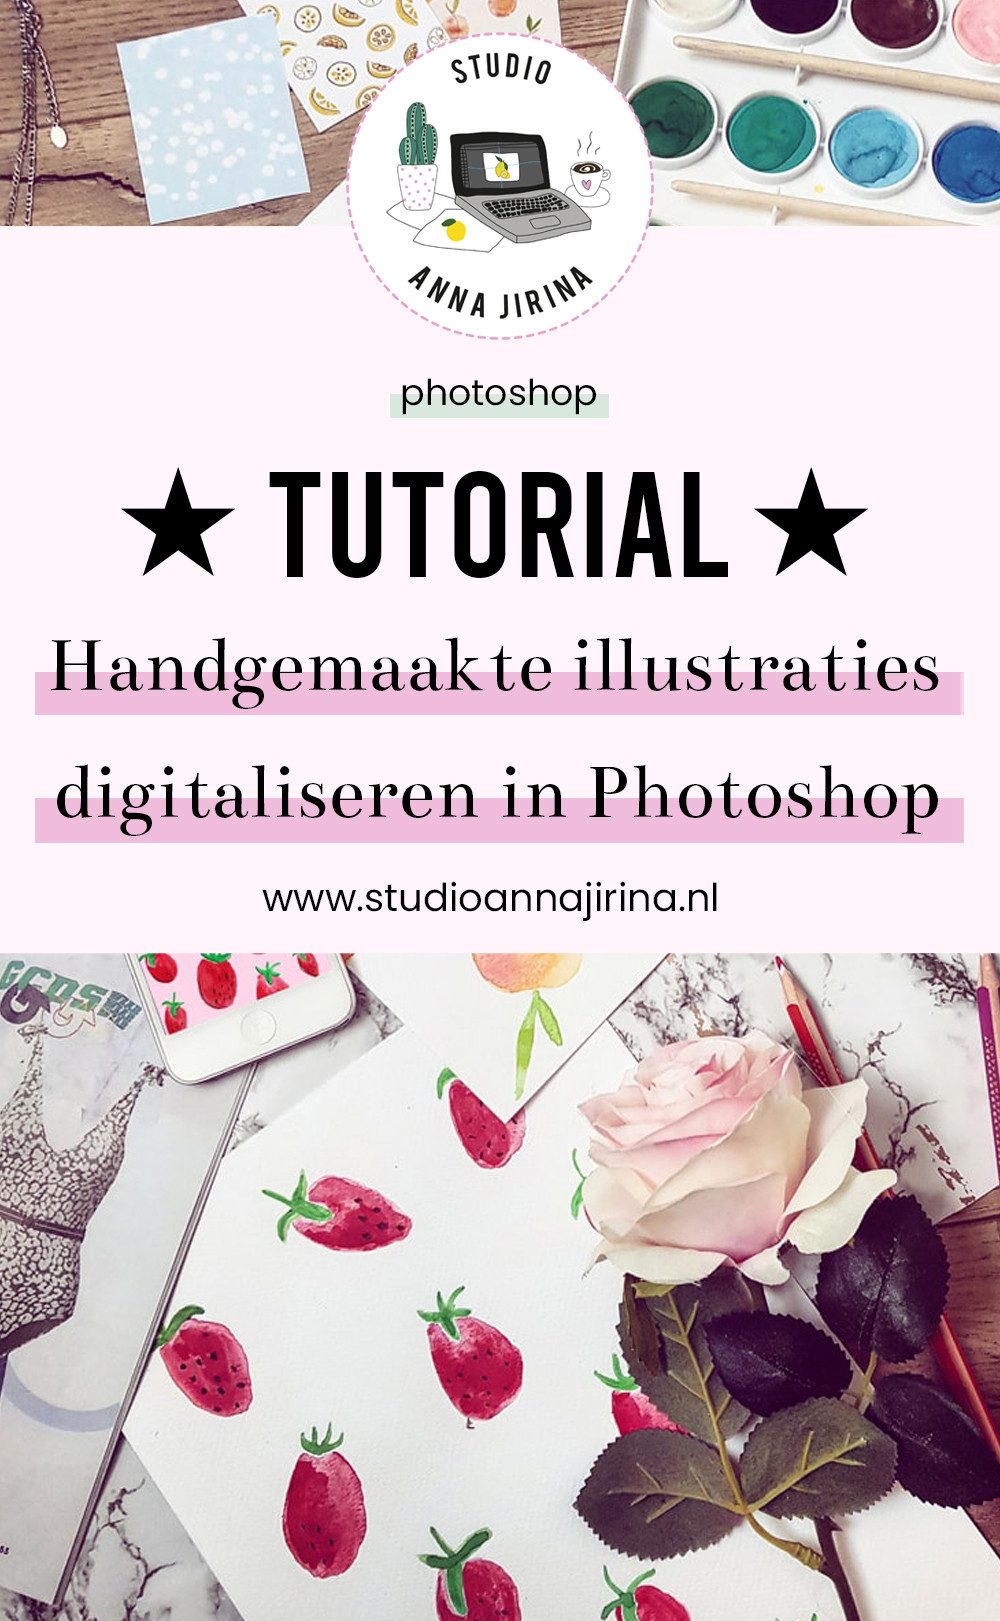 illustraties digitaliseren in Photoshop